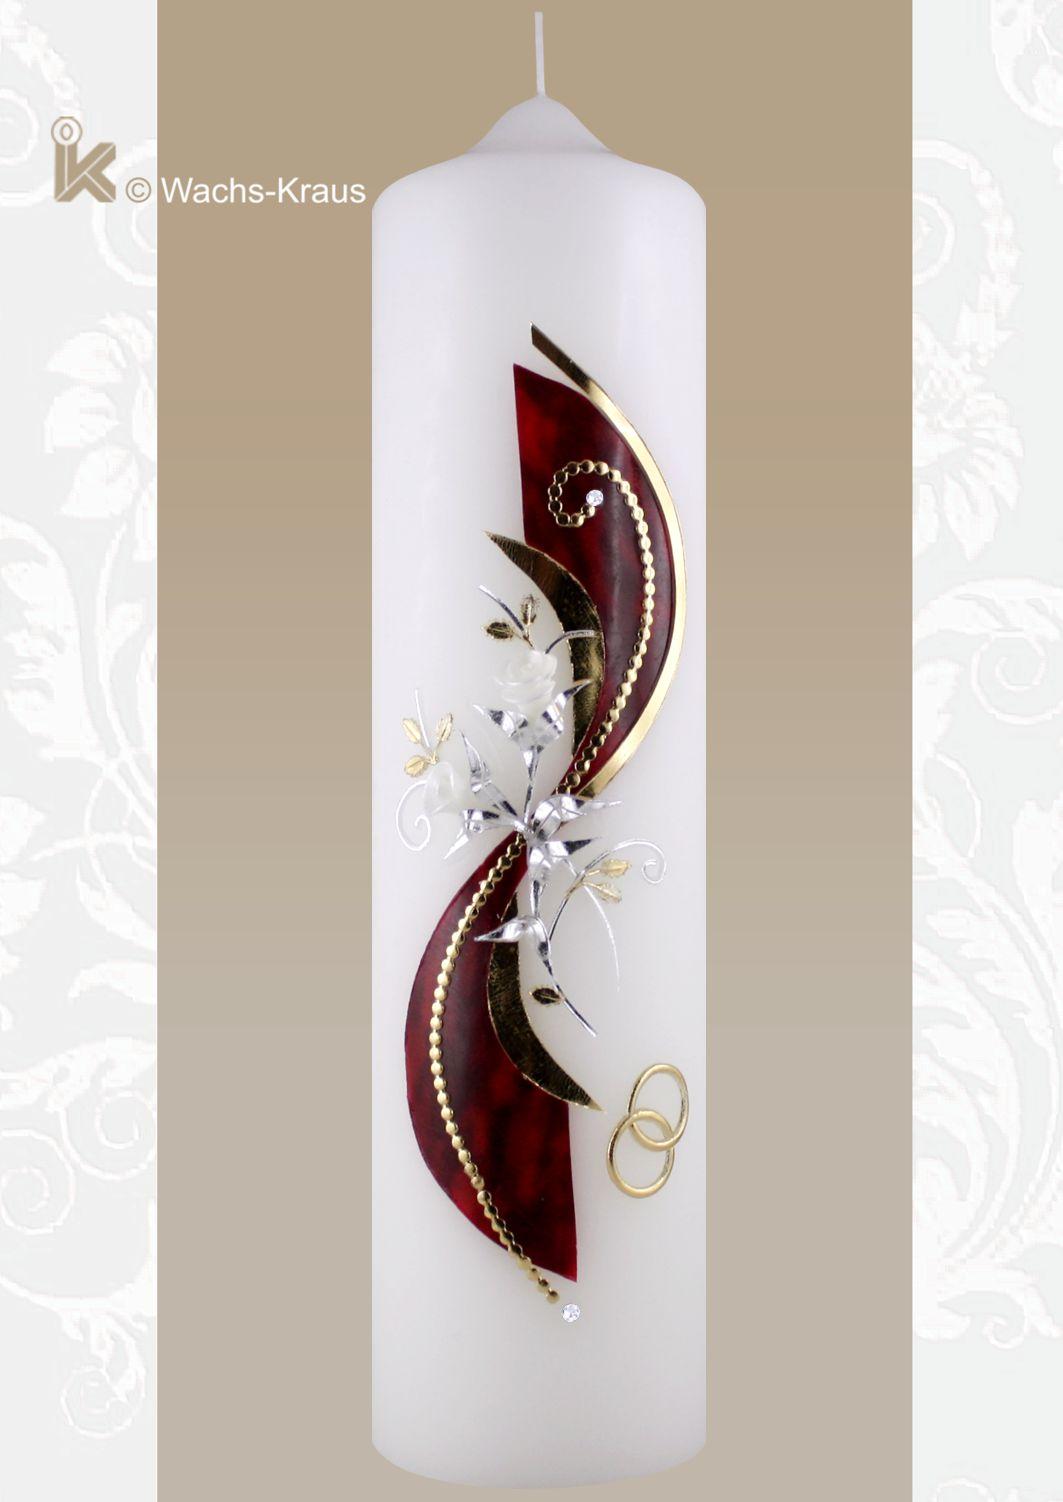 Hochzeitskerze mit geflammt roten Wachsplatte und gold-silber Kombination  besticht durch ihre außergewöhnliche Optik.